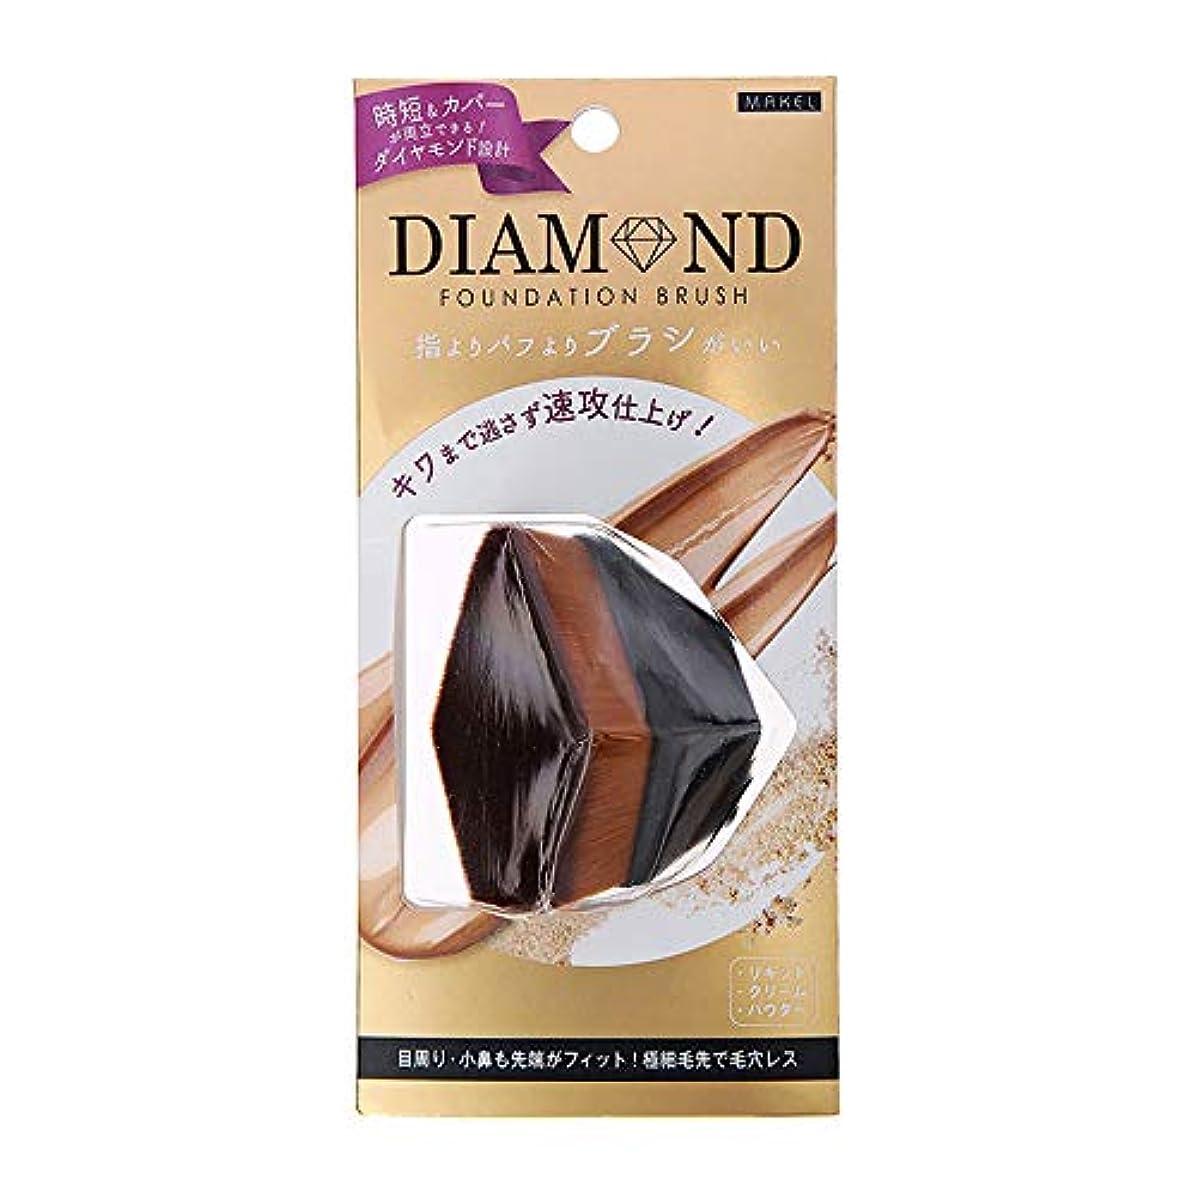 アセ増幅器陽気なダイヤモンドファンデーションブラシ(ブラック) DIB1500